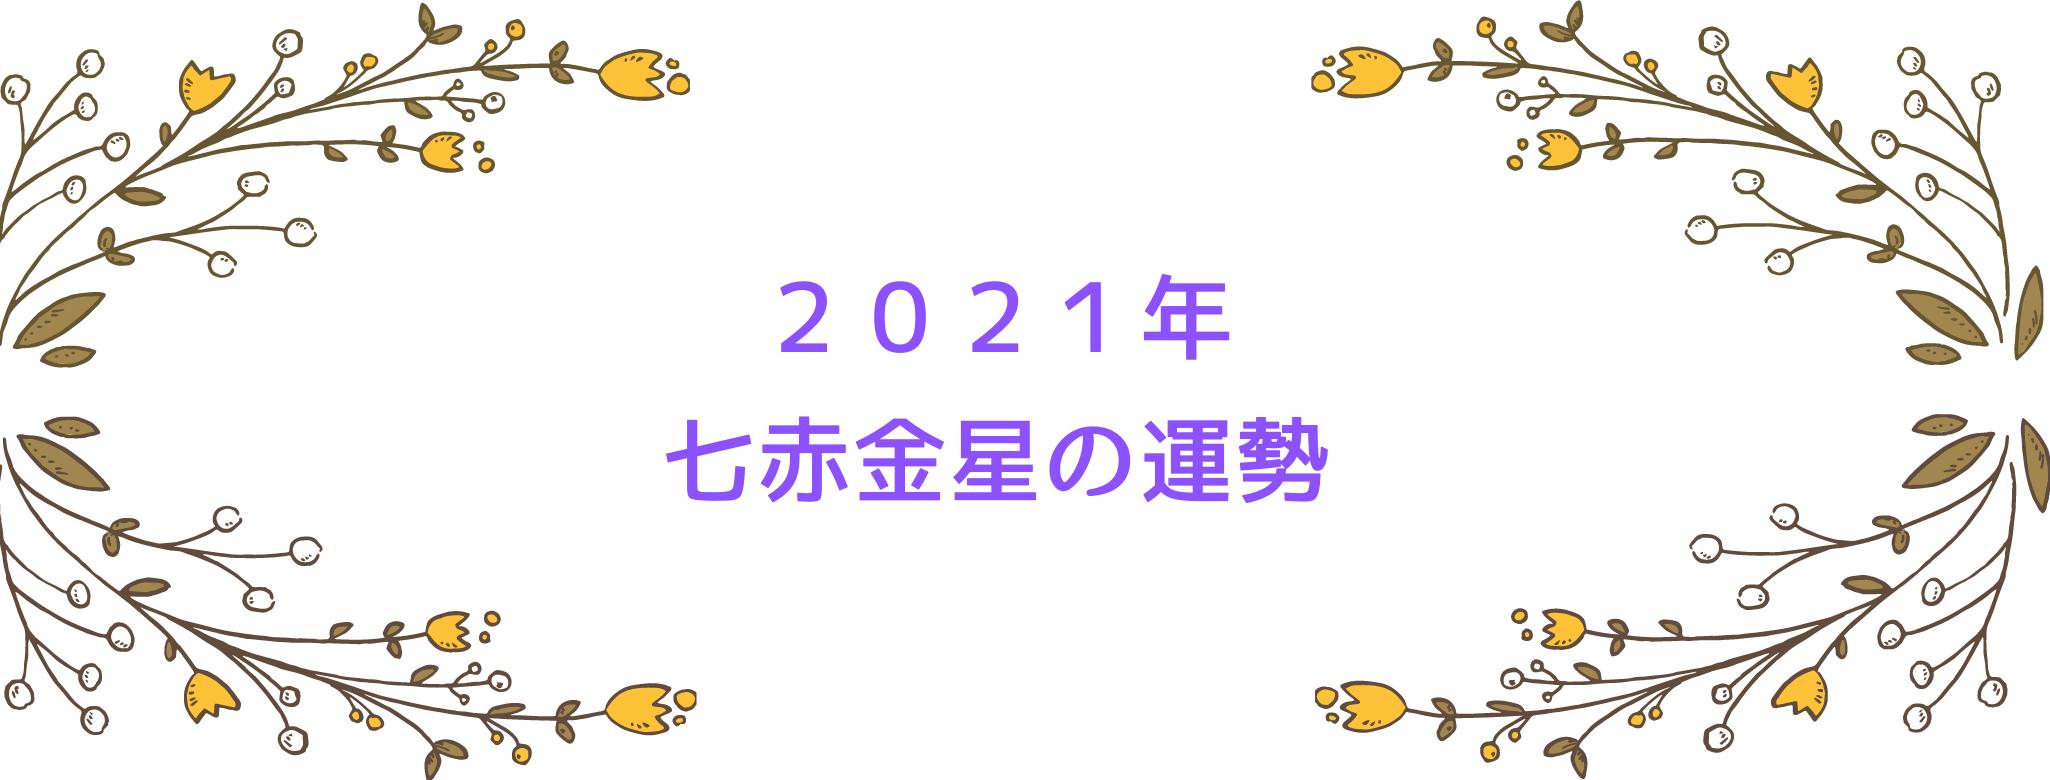 発表!2021年七赤金星の運勢や吉方位【失敗しない1年を過ごそう】